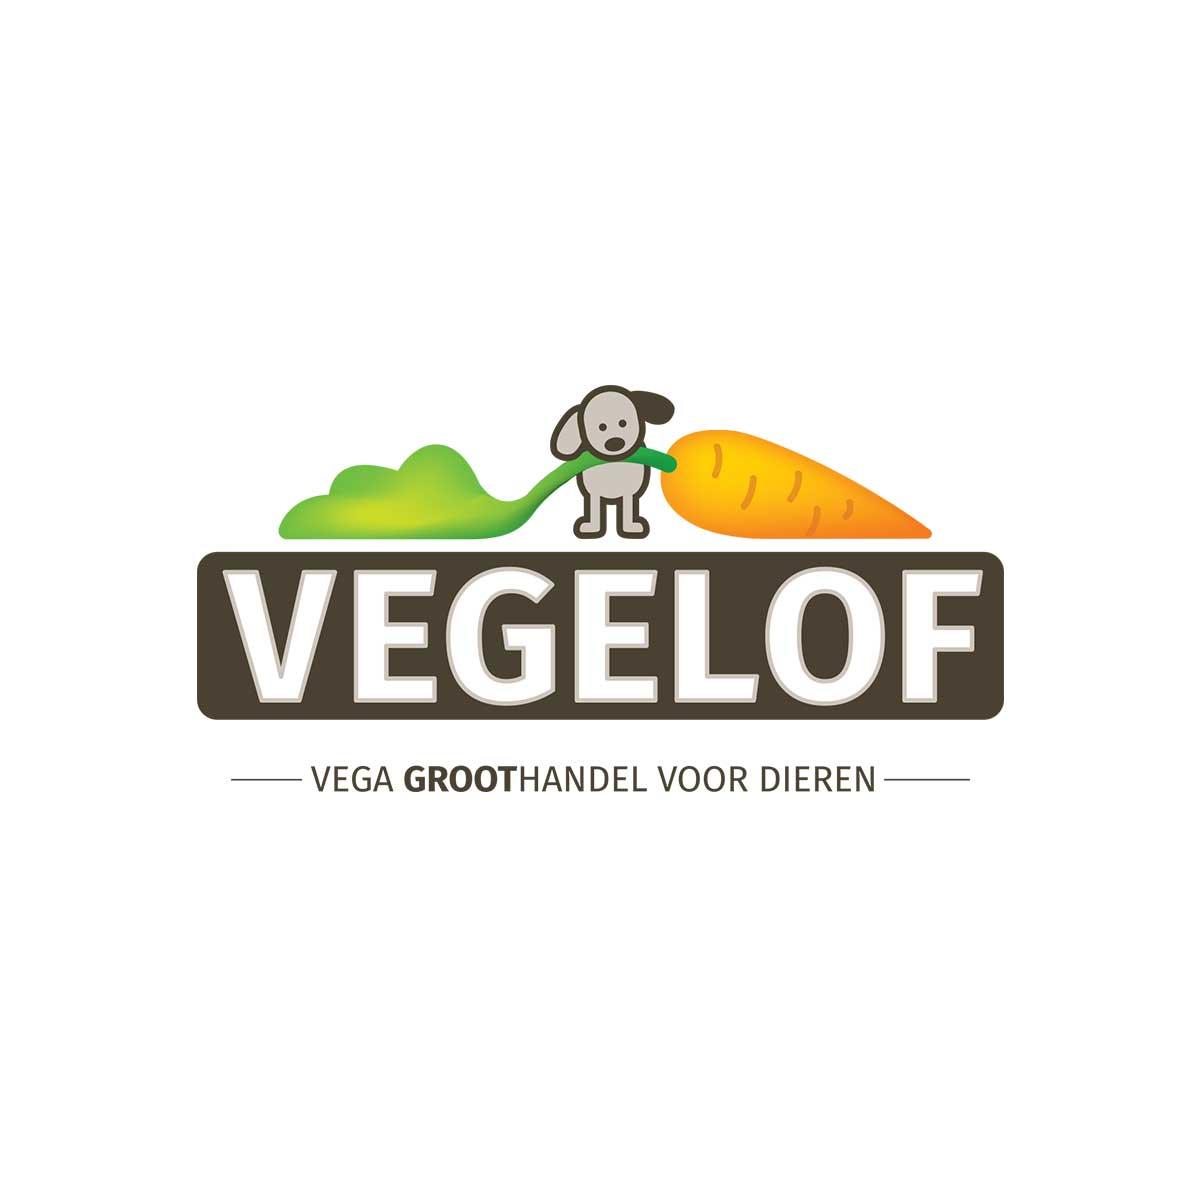 logo vegelof